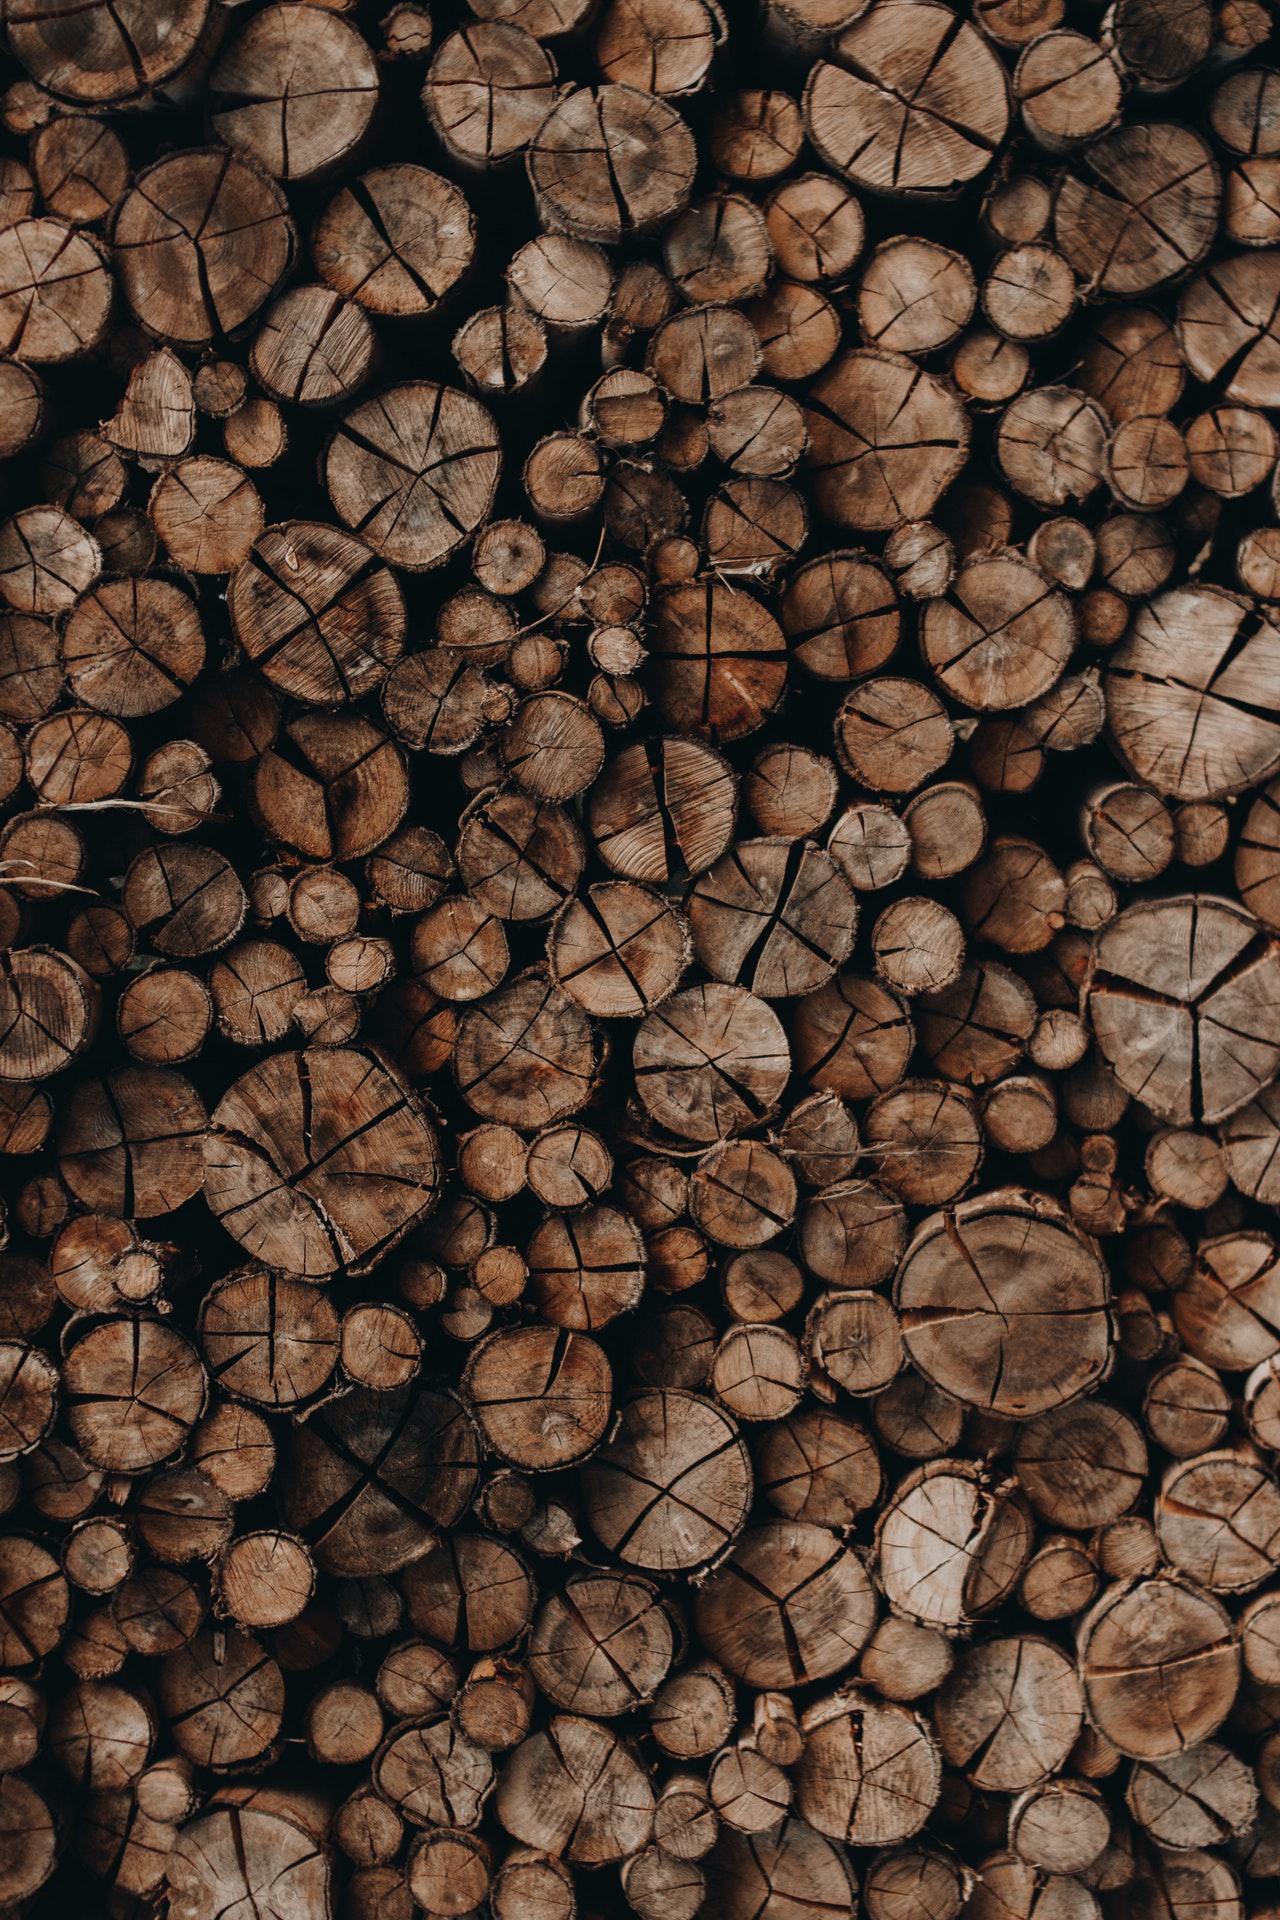 scara interioară poate fi fabricată din lemn